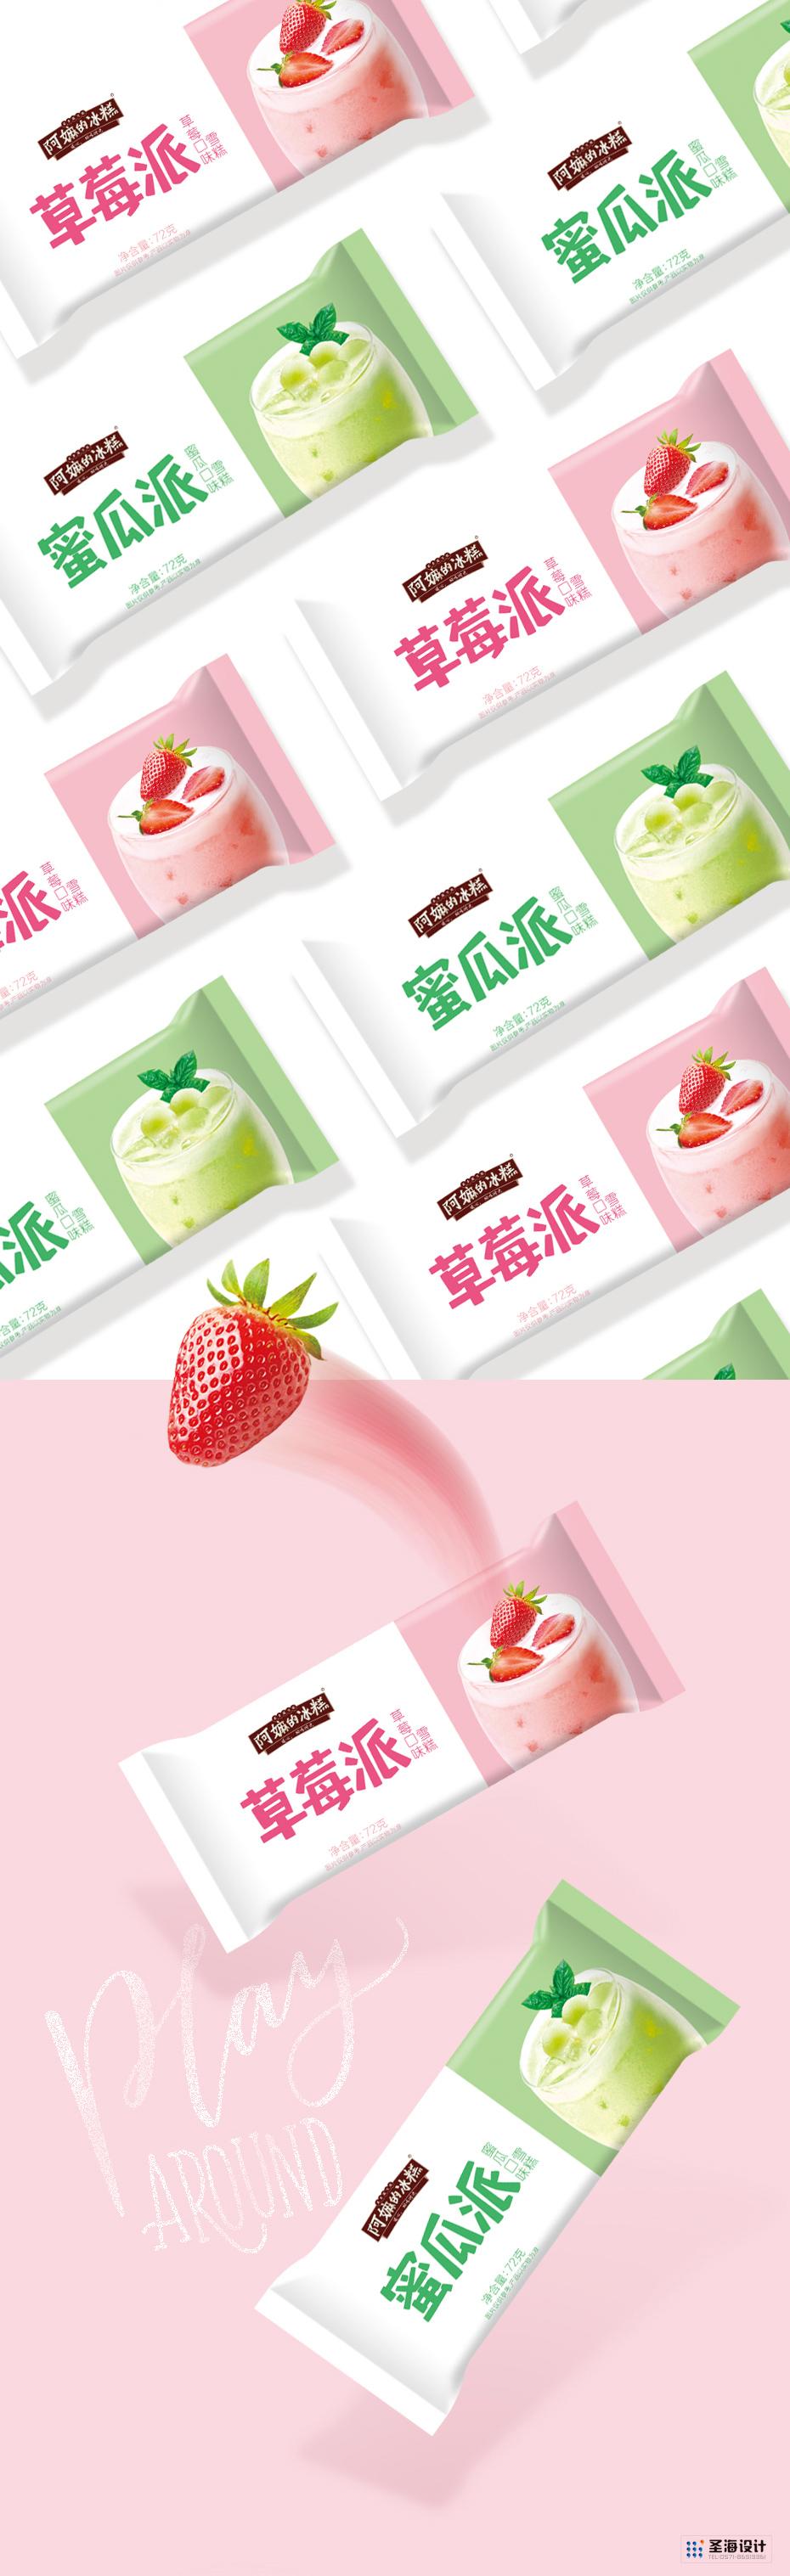 阿嫲的冰糕/草莓派雪糕/蜜瓜派雪糕/杭州包装设计/圣海包装设计